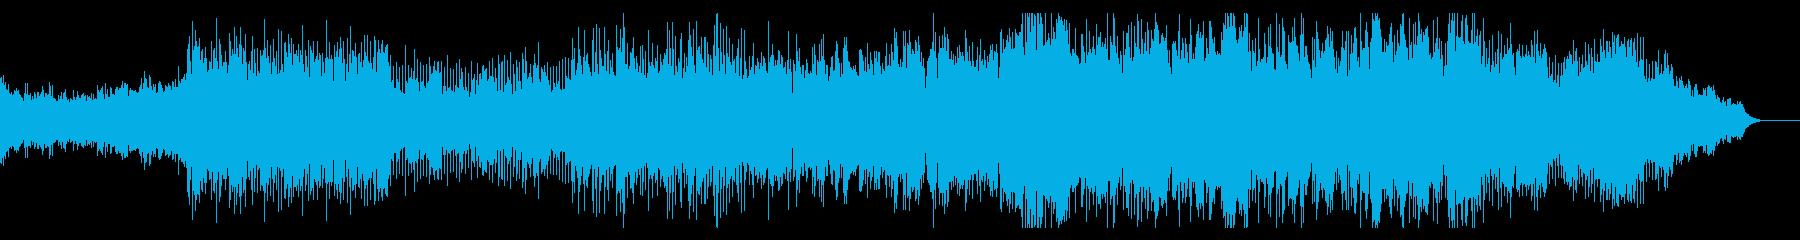 疾走感のあるアップテンポなBGMの再生済みの波形